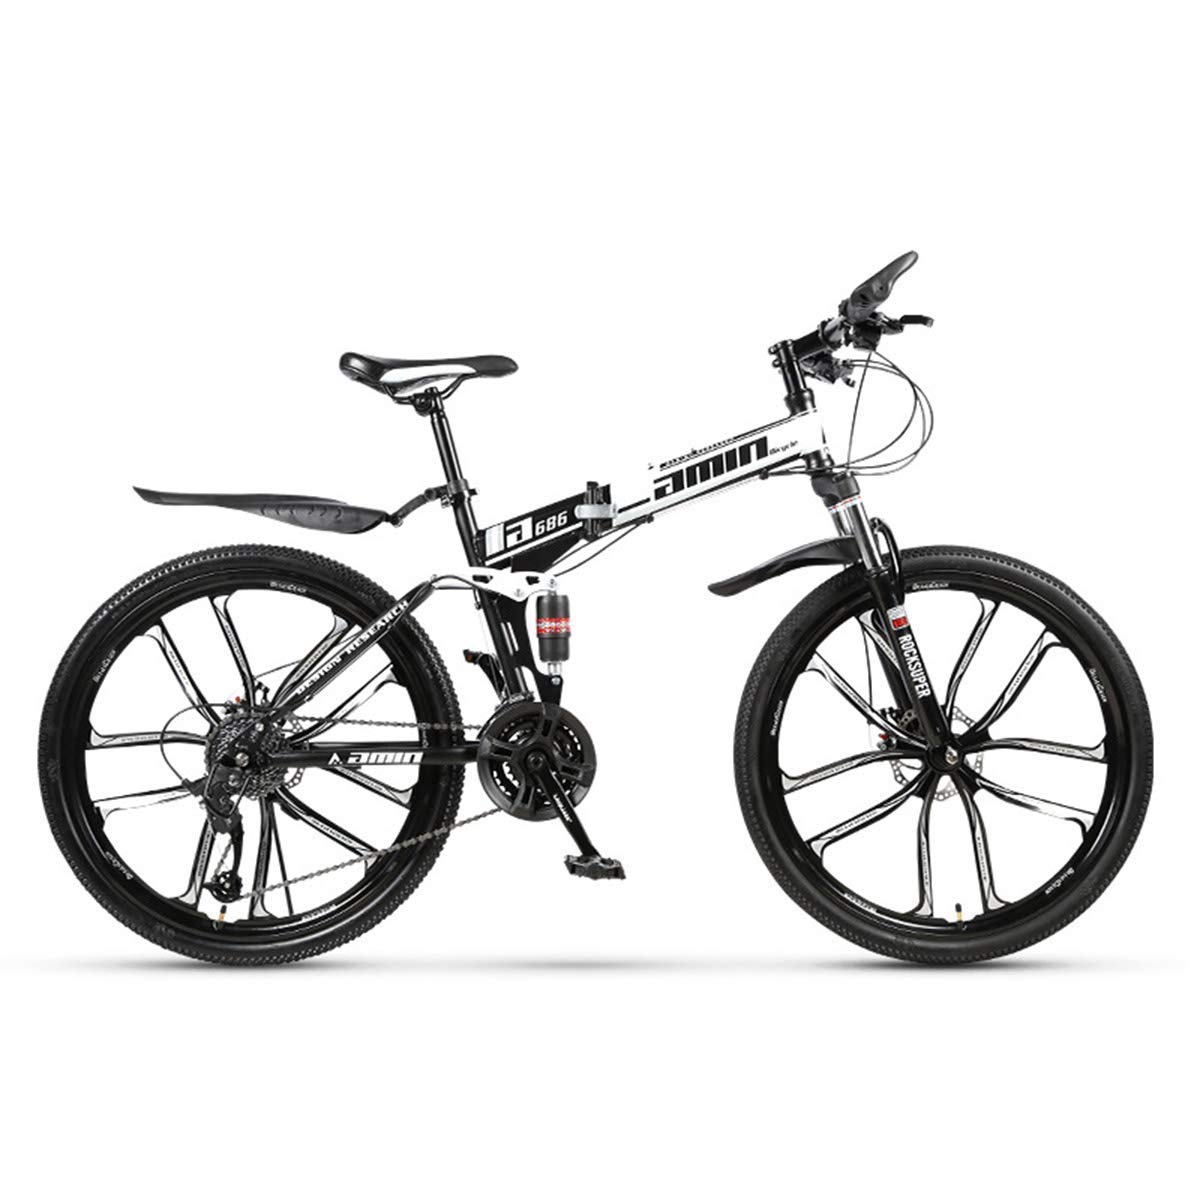 los nuevos estilos calientes 14 24speed Bicicleta de montaña de de de 30 velocidades, Marco de Acero, 26 Pulgadas, Ruedas de 3 radios, Doble suspensión, Bicicleta Plegable  barato y de alta calidad